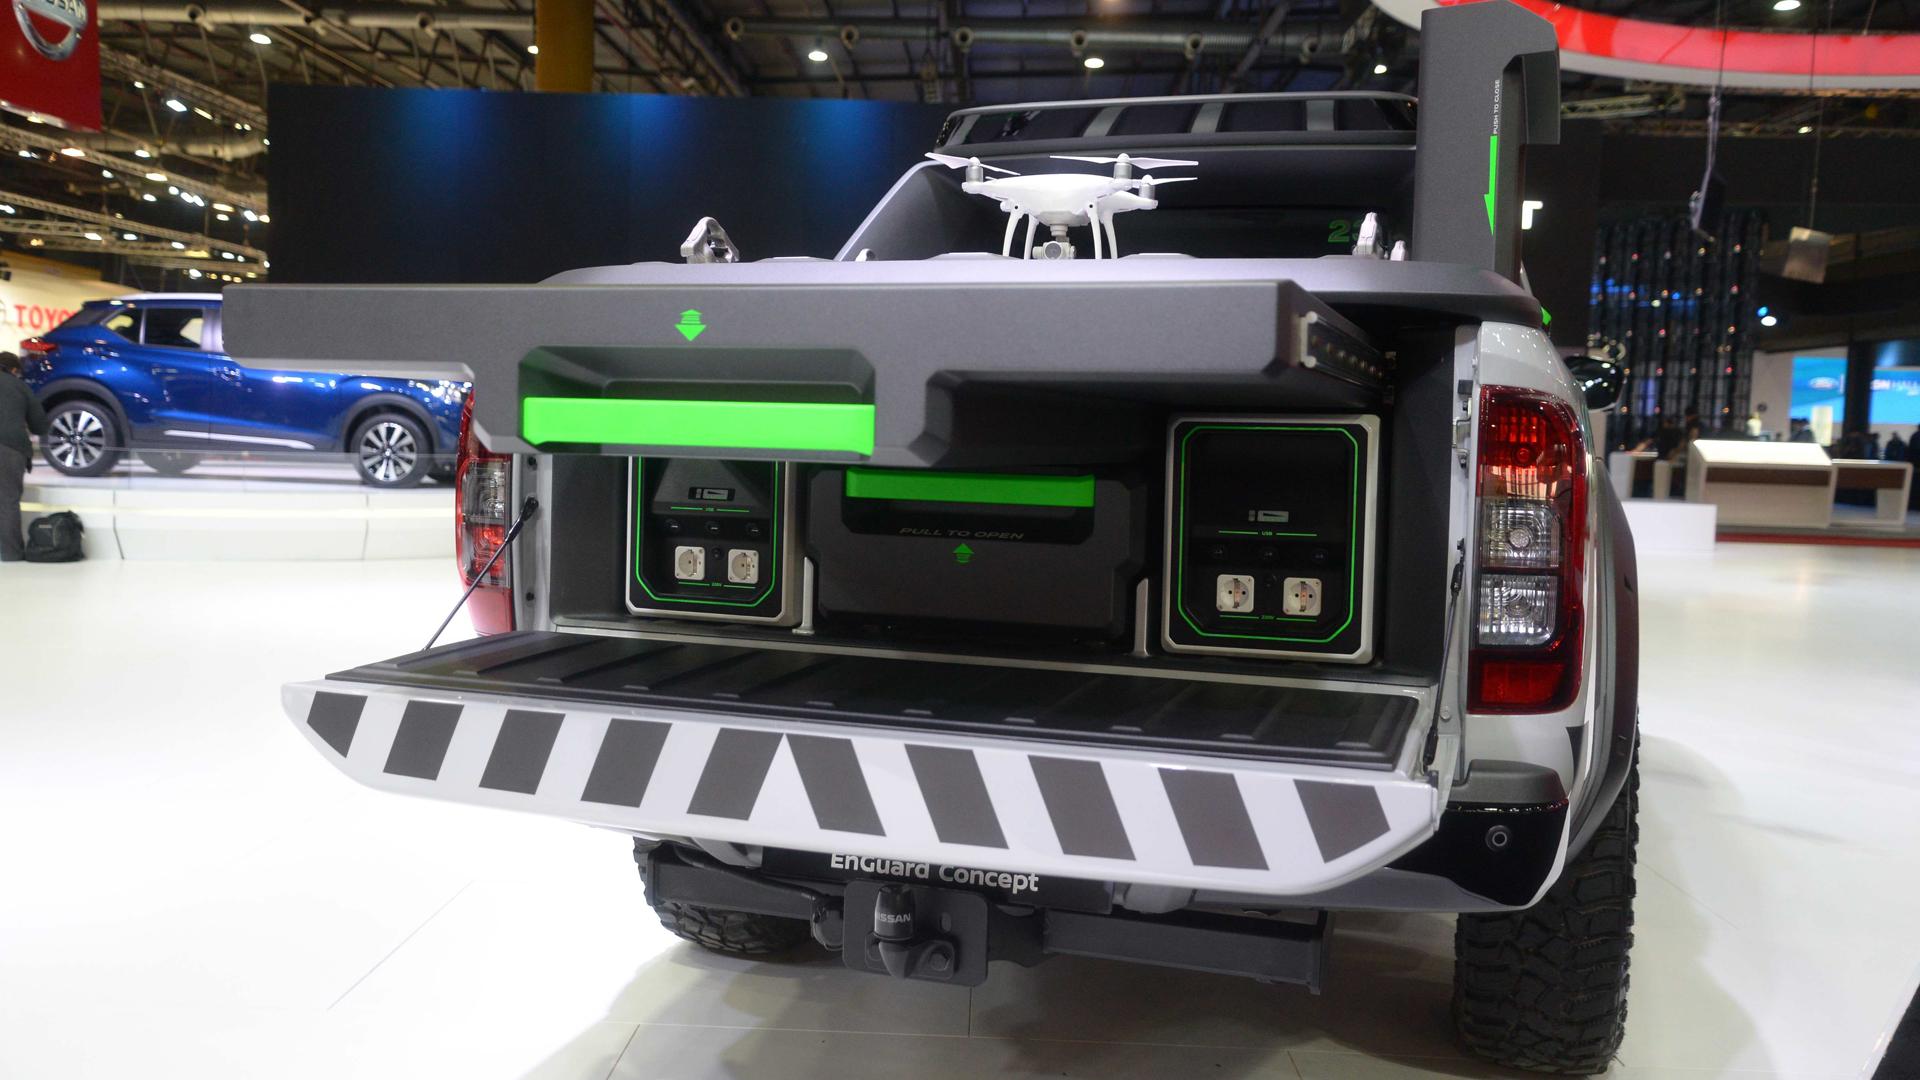 El prototipo monta un drone para monitorear las áreas de emergenciao catástrofes naturales (Enrique Abatte)